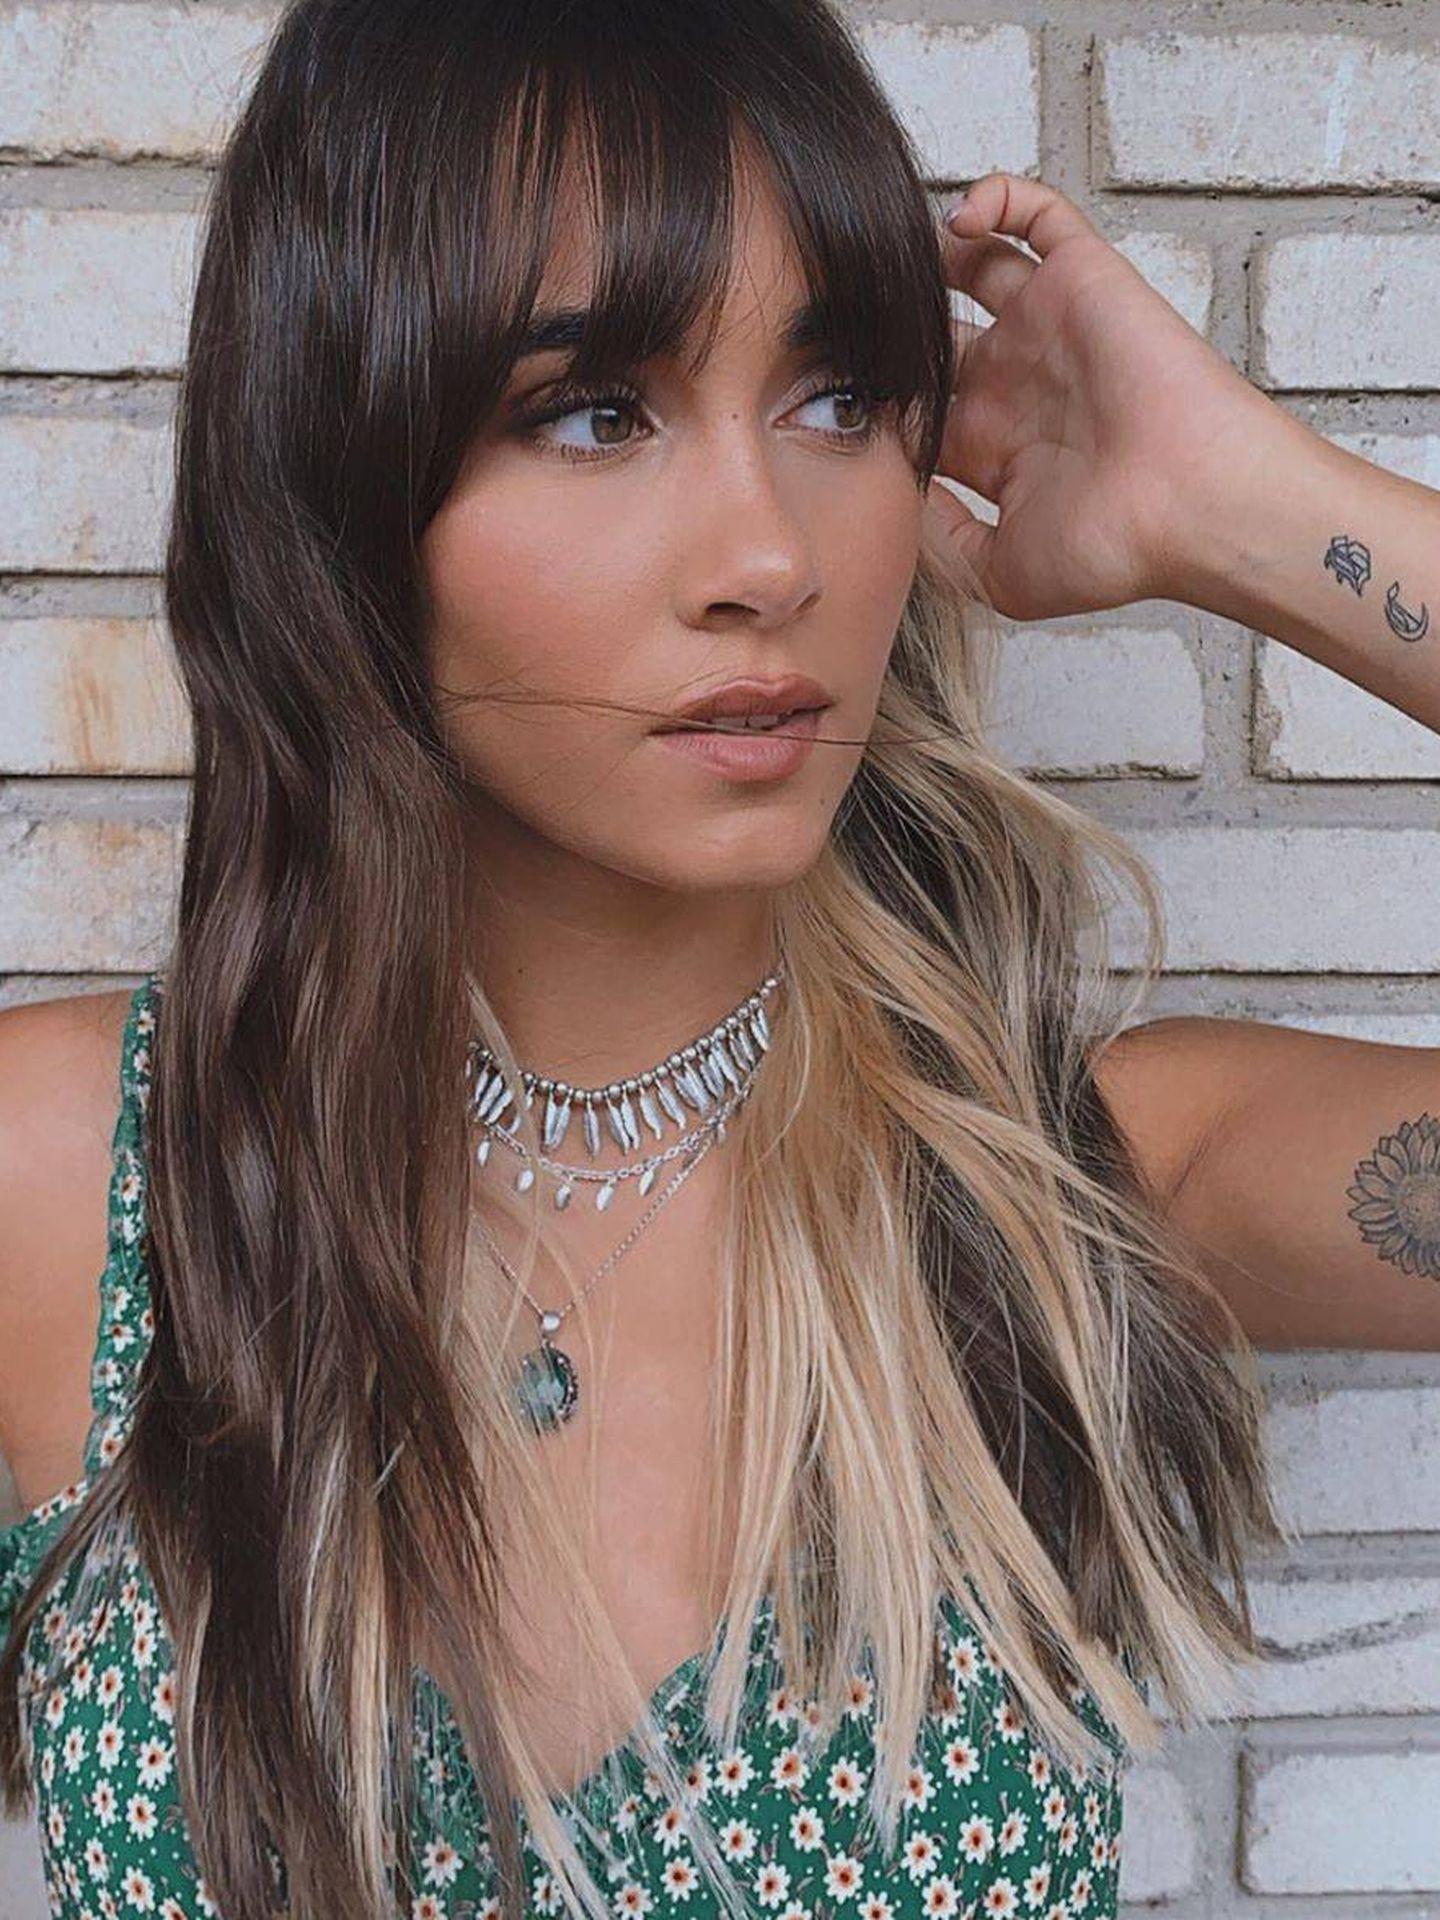 Aitana sorprende con un nuevo cambio de look, se pasa al rubio platino a medias. (Instagram, @aitanax)